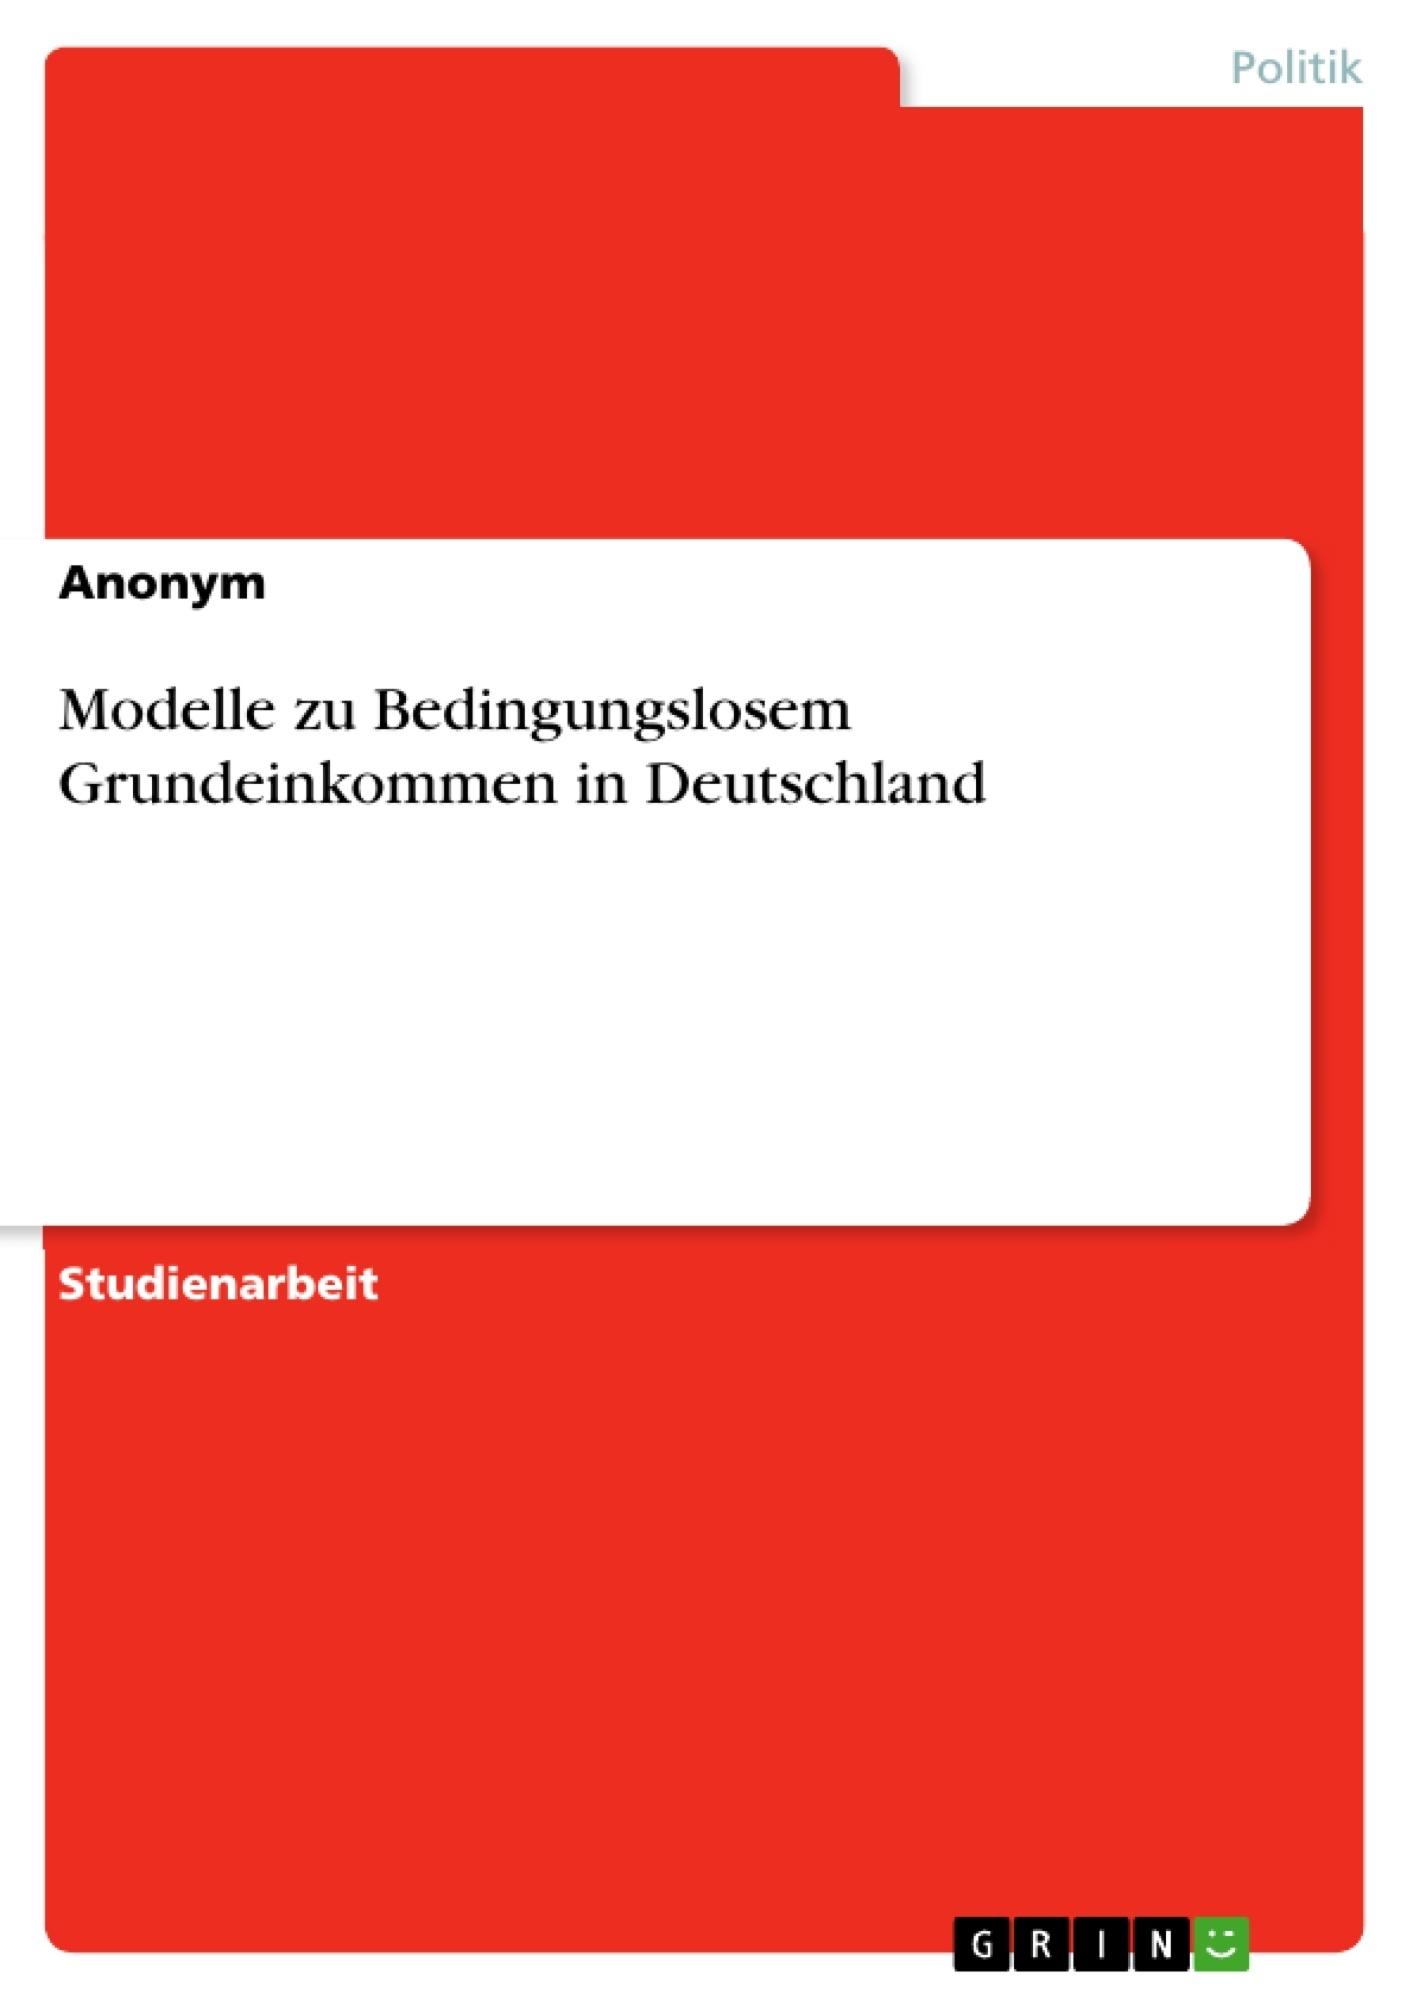 Titel: Modelle zu Bedingungslosem Grundeinkommen in Deutschland